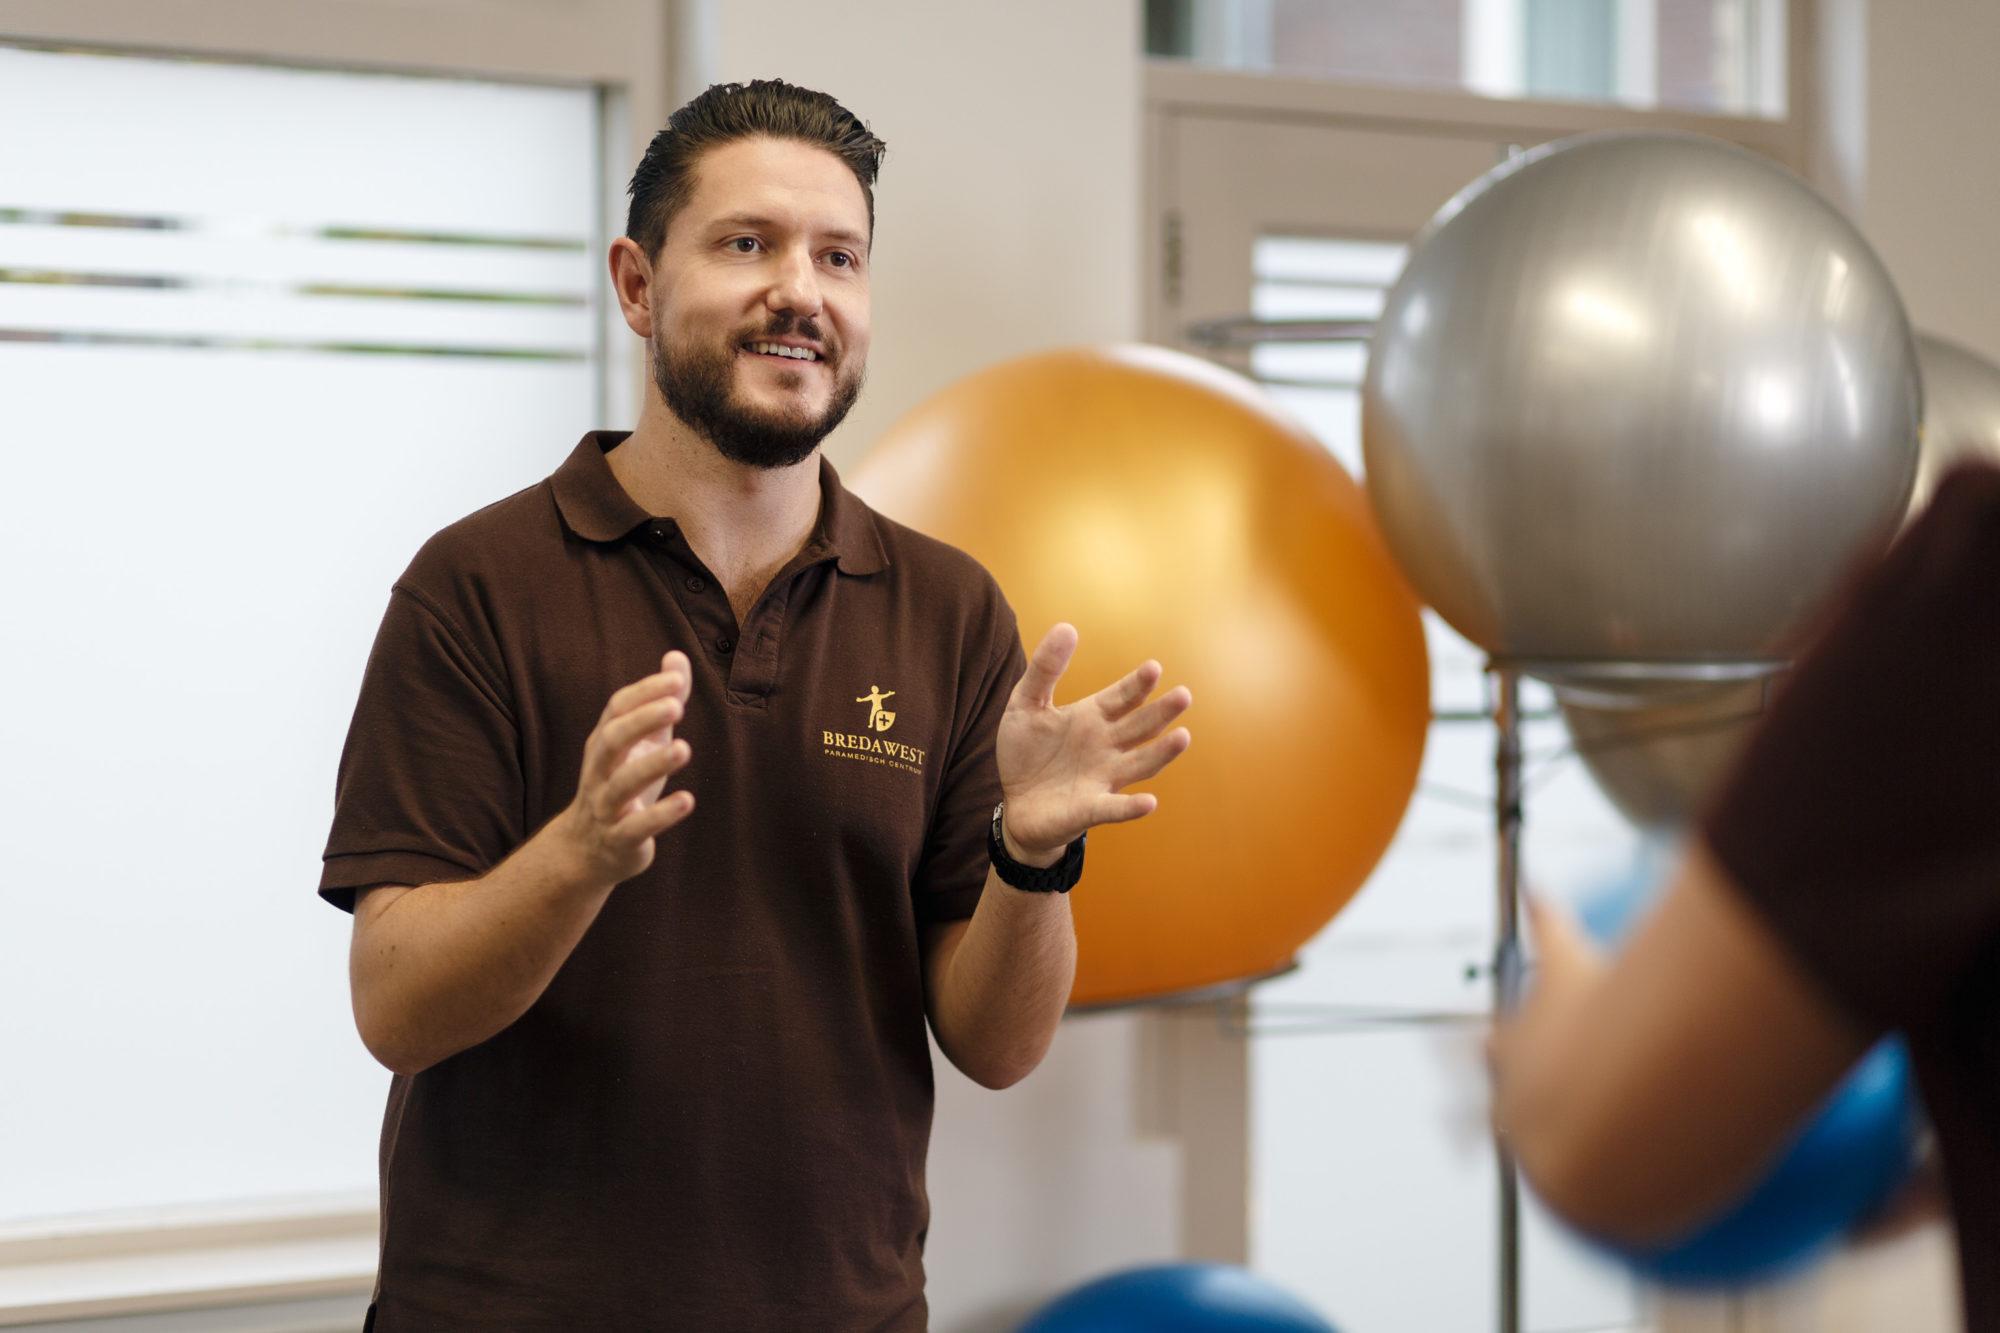 Fysiotherapie Breda - Breda West PMC, fysiotherapie, breda, breda west, paramedisch centrum, fysiotherapeut, fysiotherapiepraktijk, behandelingen